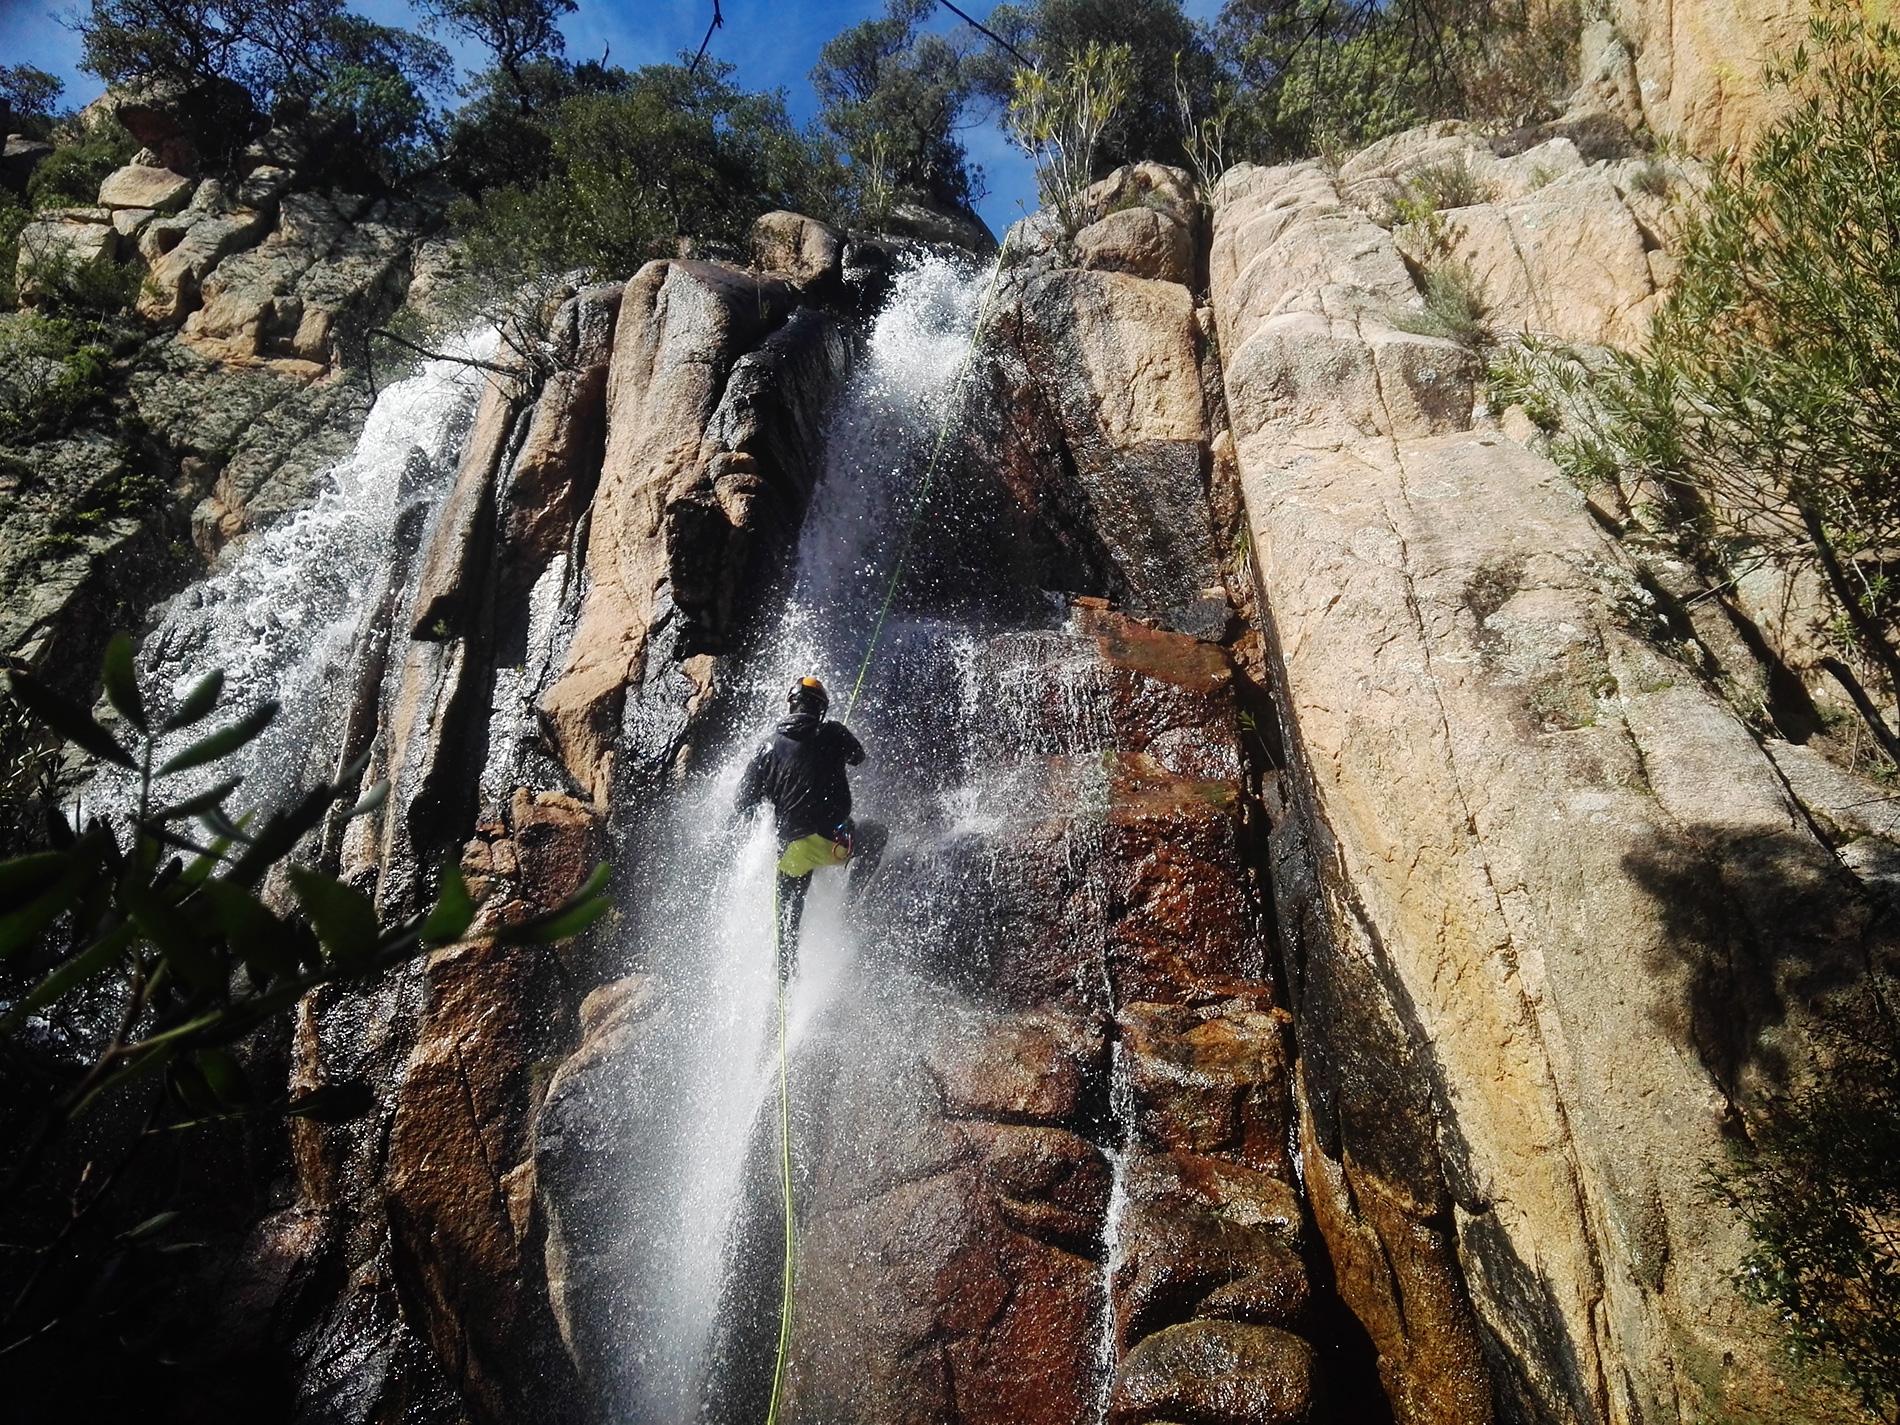 rio sa cresia, canyoning exploration,hidden waterfall, canyoning wild, jumping, canyoning tour